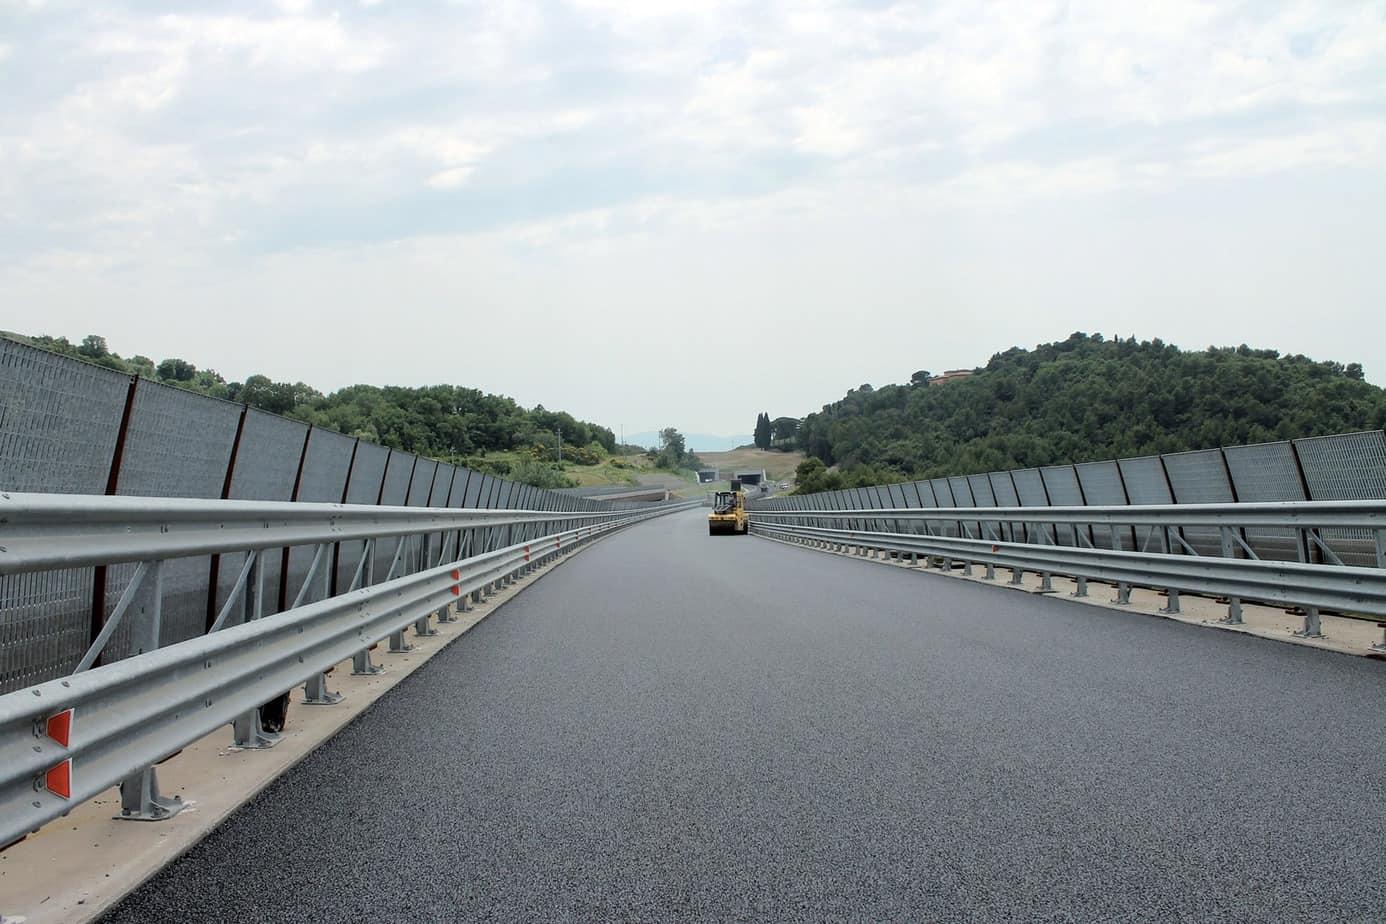 La resa finale della nuova pavimentazione è stata possibile sia grazie alle macchine impiegate che alla qualità dei conglomerati PAV.i.